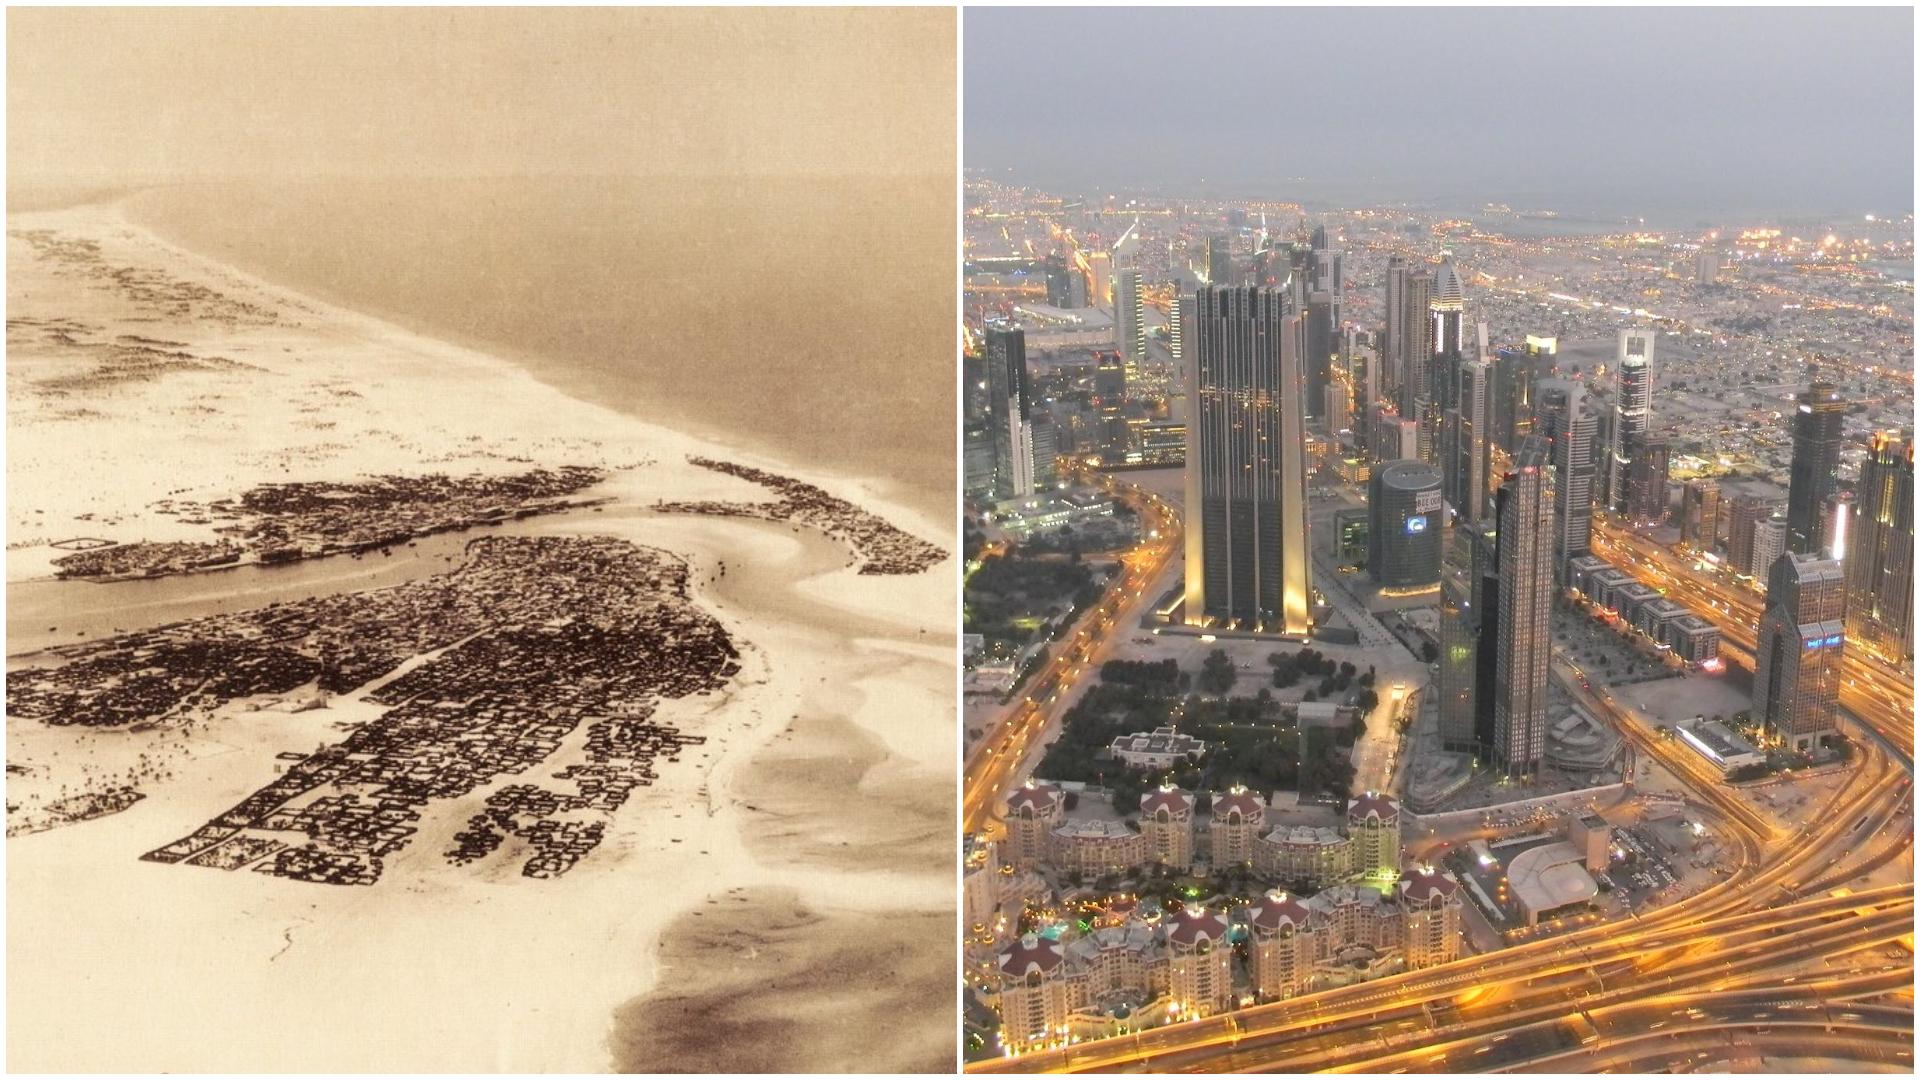 Дубай: фото города, изменения, достижения, внешний вид